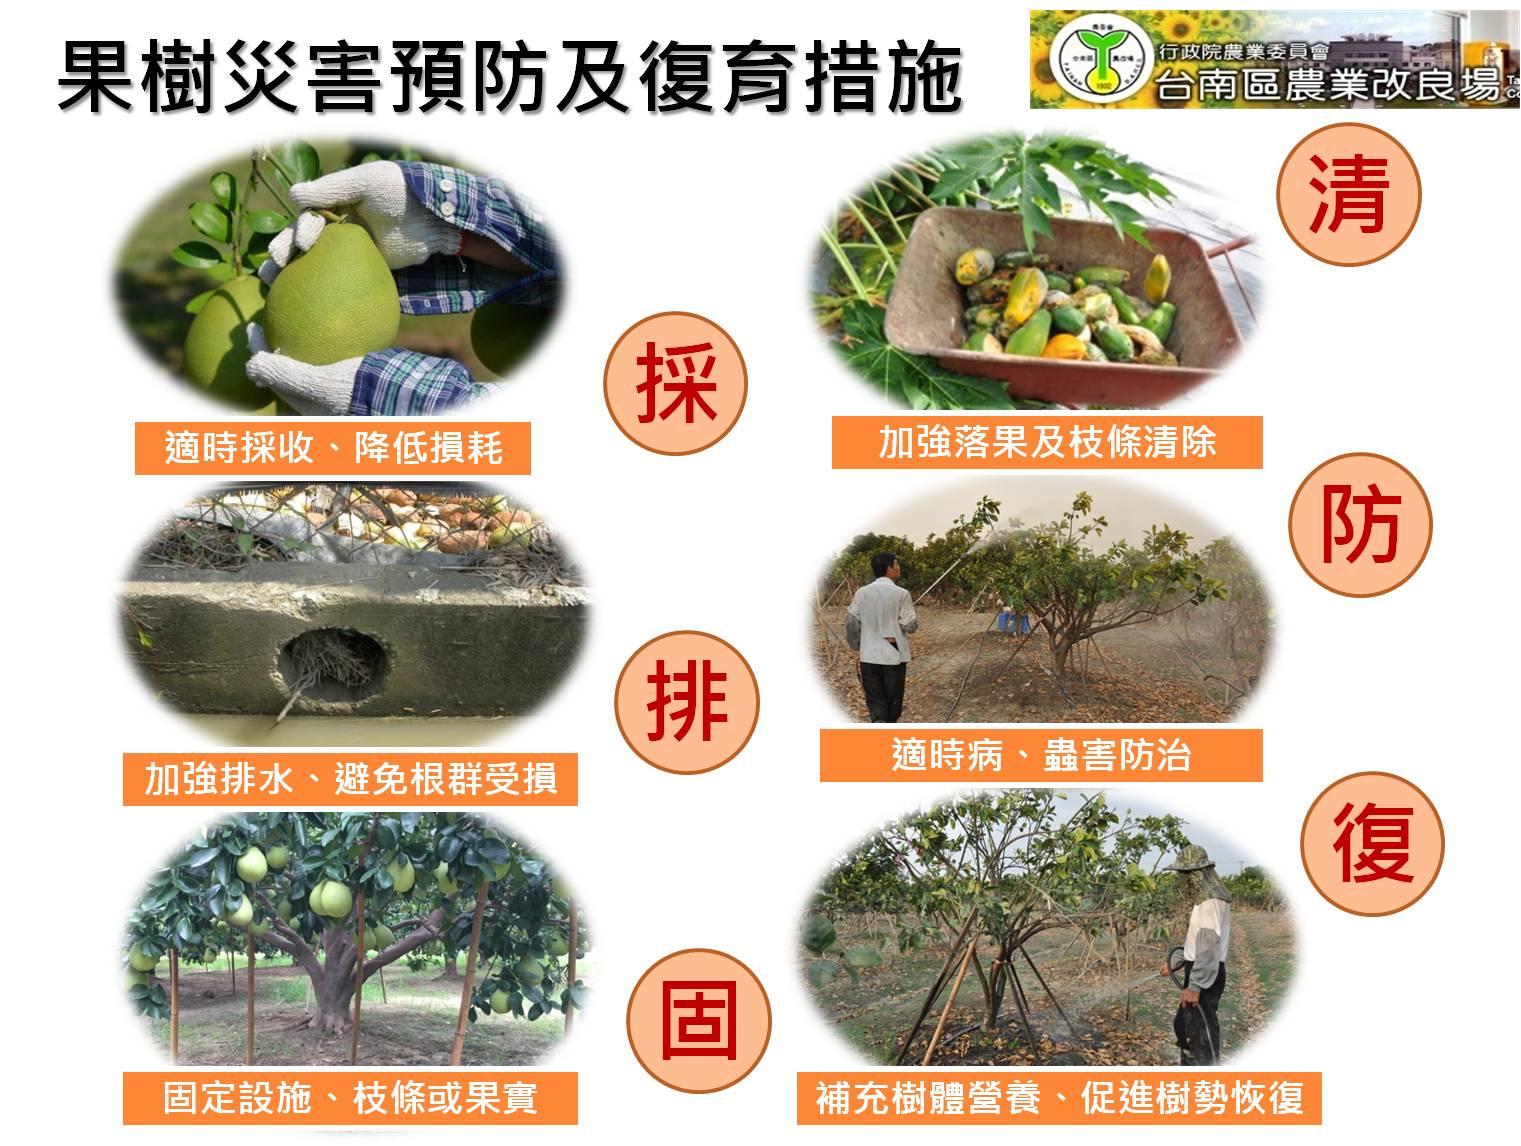 果樹災害預防及復耕措施